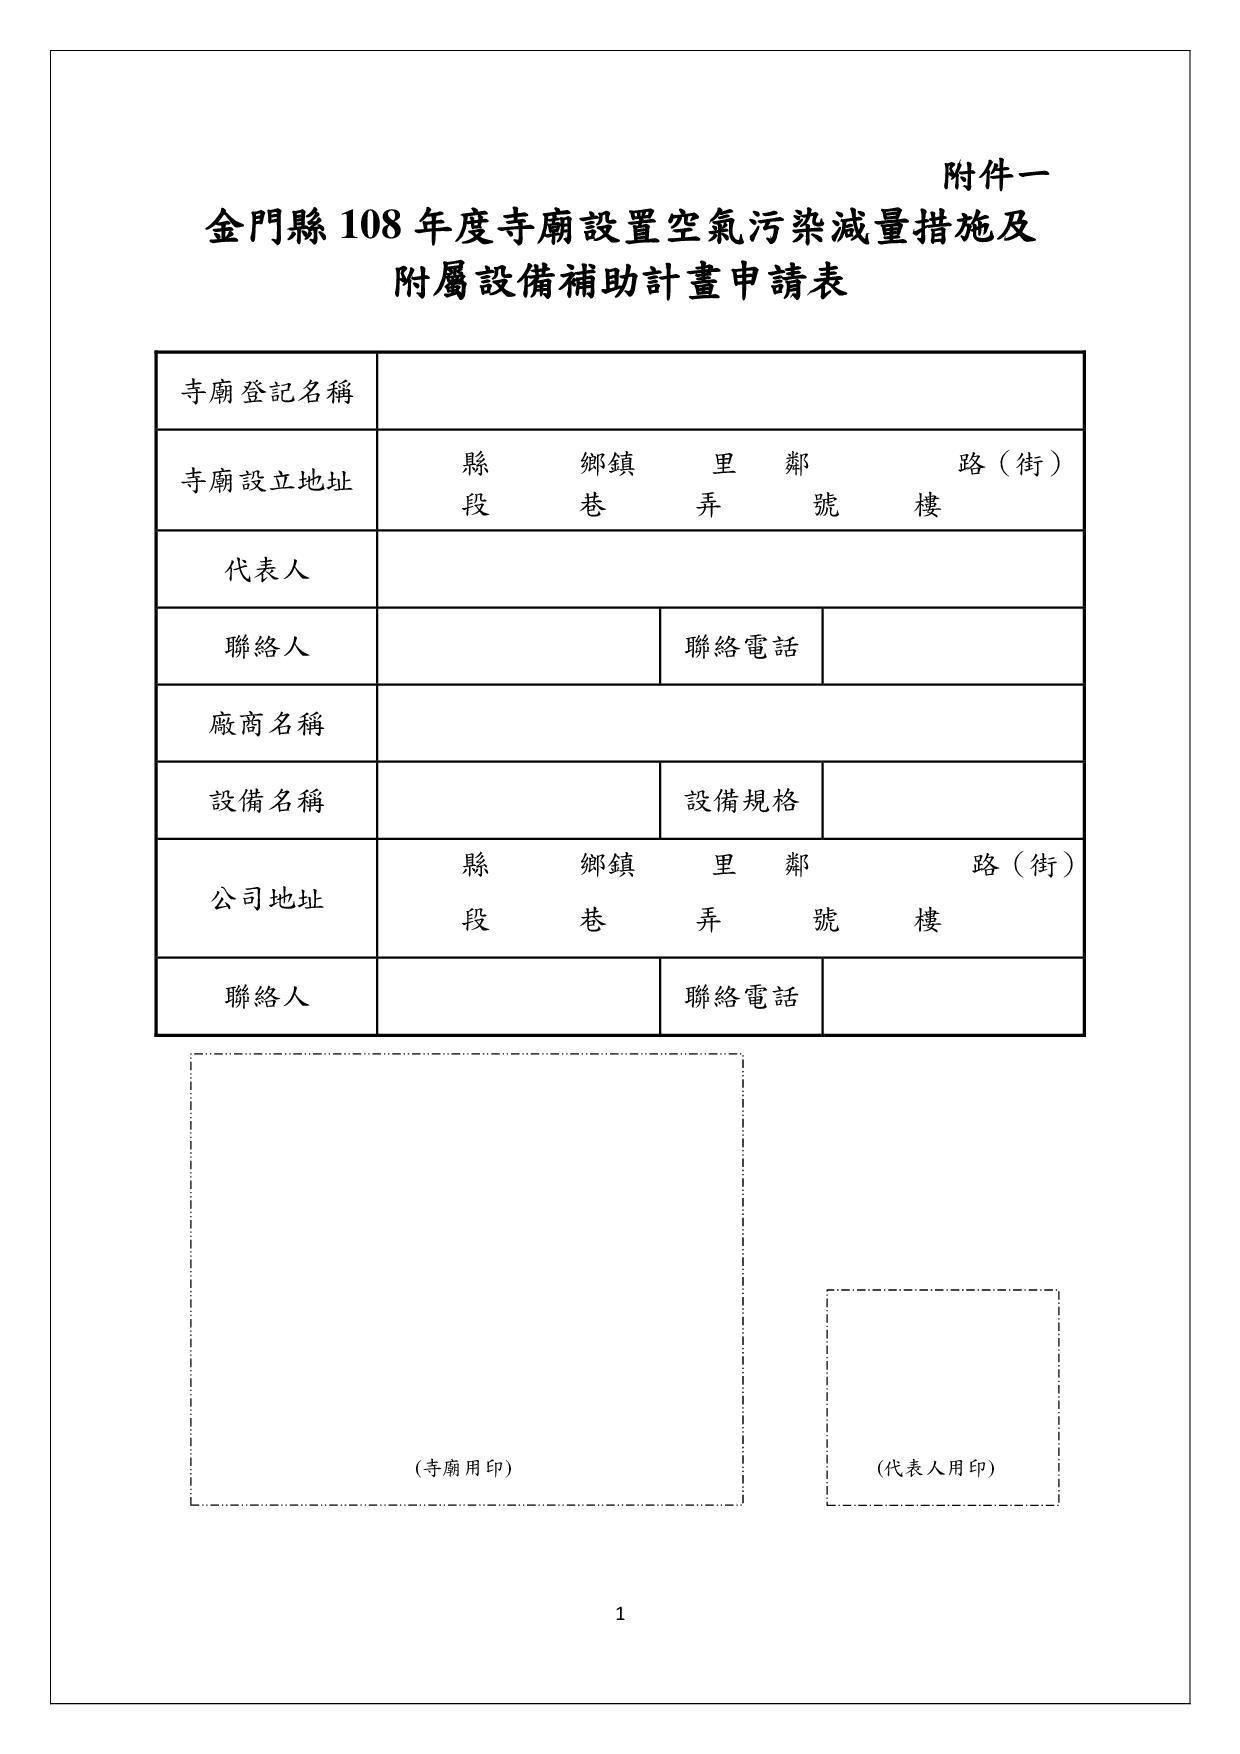 附件一-補助寺廟設置空氣污染減量措施及附屬設備申請表